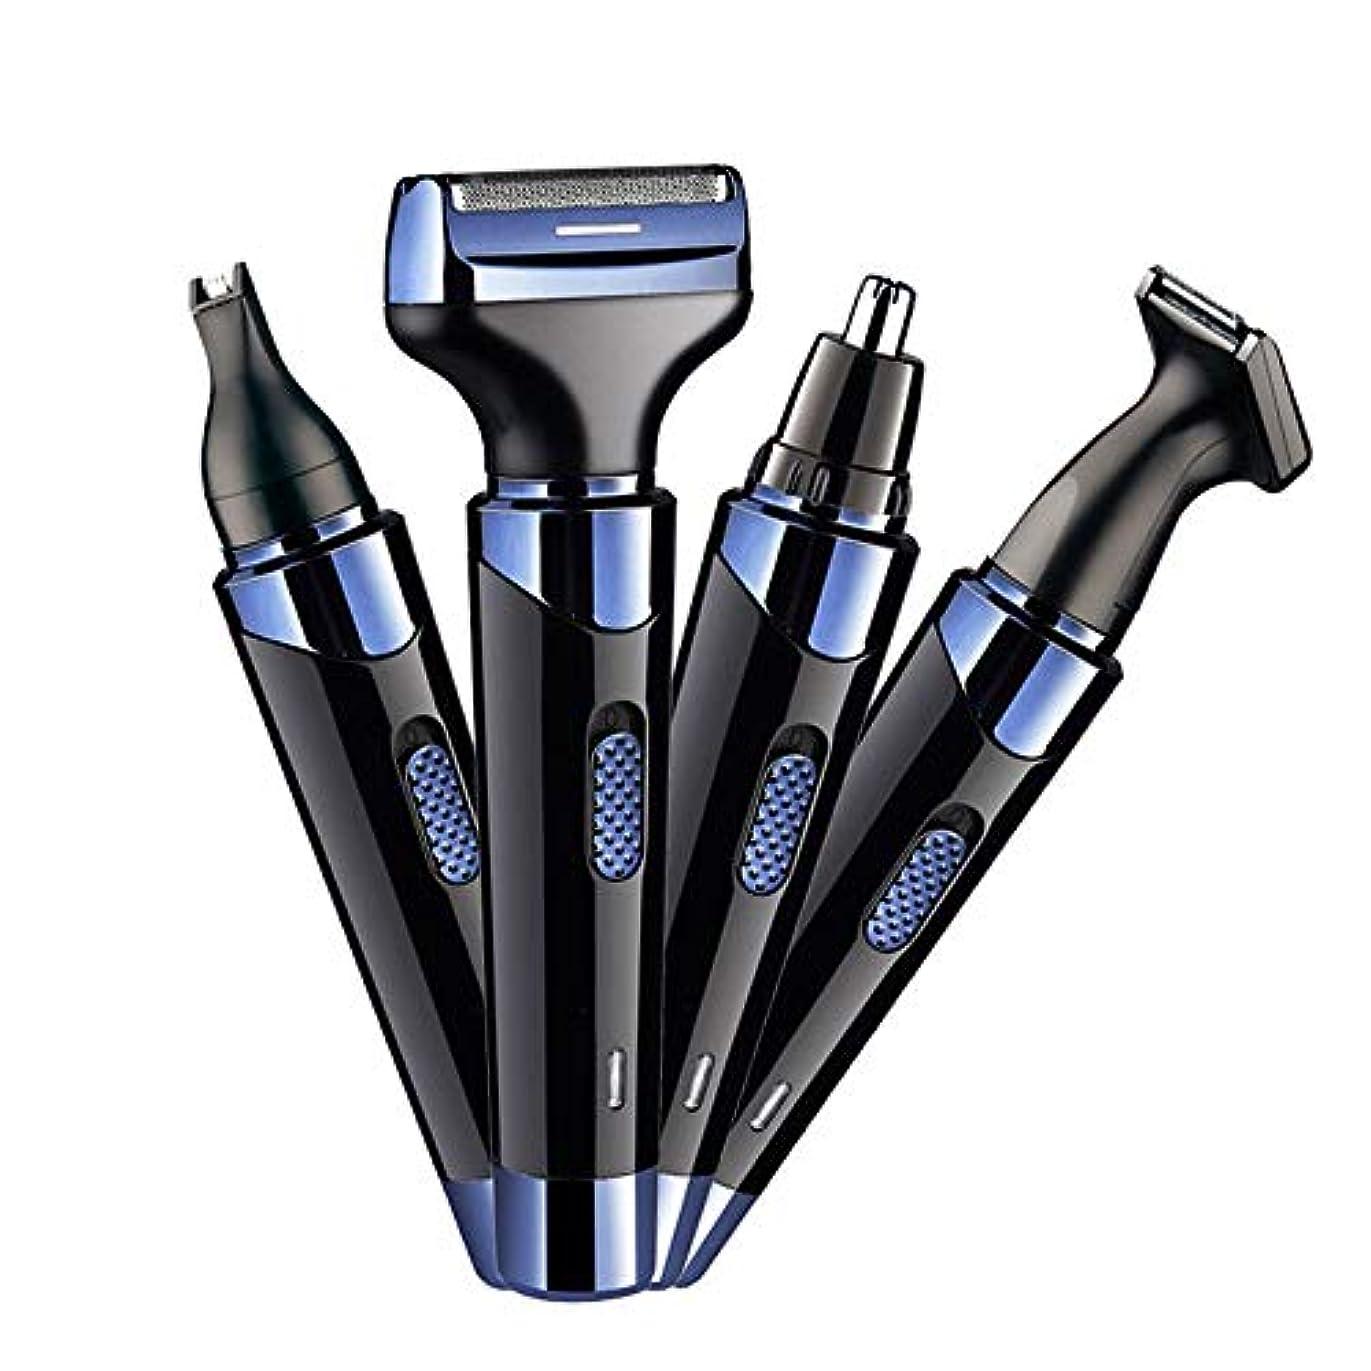 教育者競合他社選手アシュリータファーマン持ち運び便利 シェービング鼻毛クリーニングミニシェービングレタリング修理ナイフ多機能充電メンズ鼻毛トリマー (Color : Blue, Size : USB)